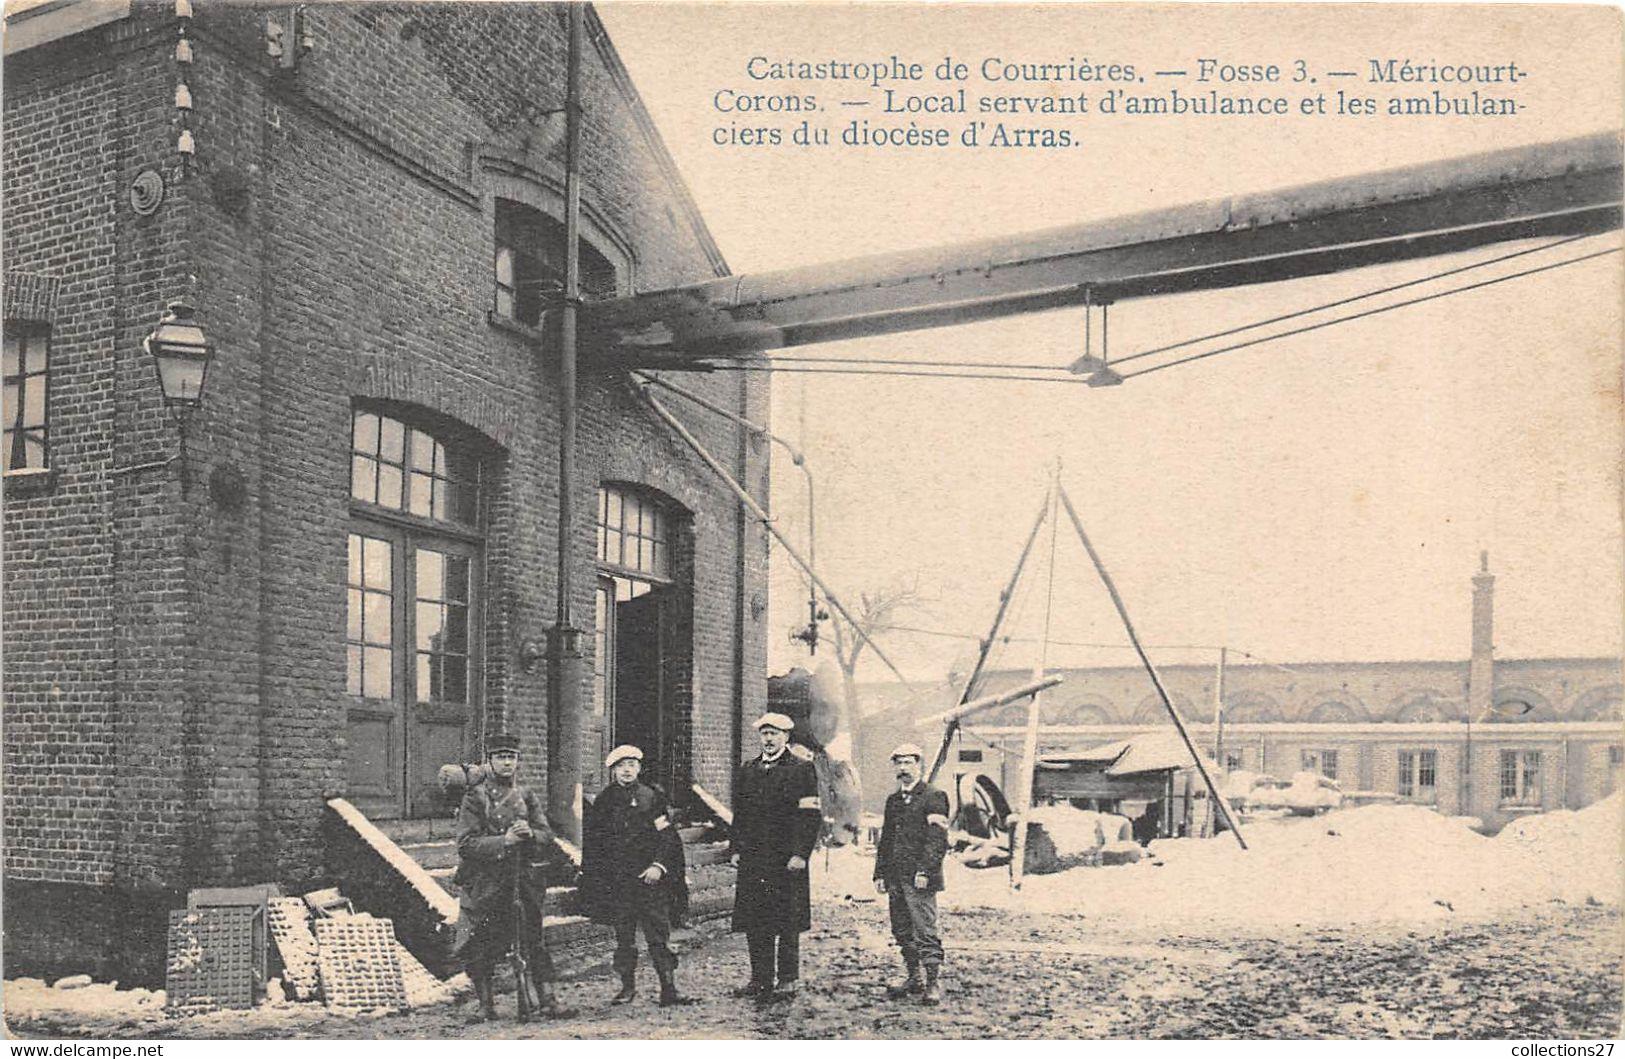 62-COURRIERES-CATASTROPHE DE COURRIERES, FOSSE 3- MERICOURT- CORONS, LOCAL SERVANT D'AMBULANCE ... - Andere Gemeenten